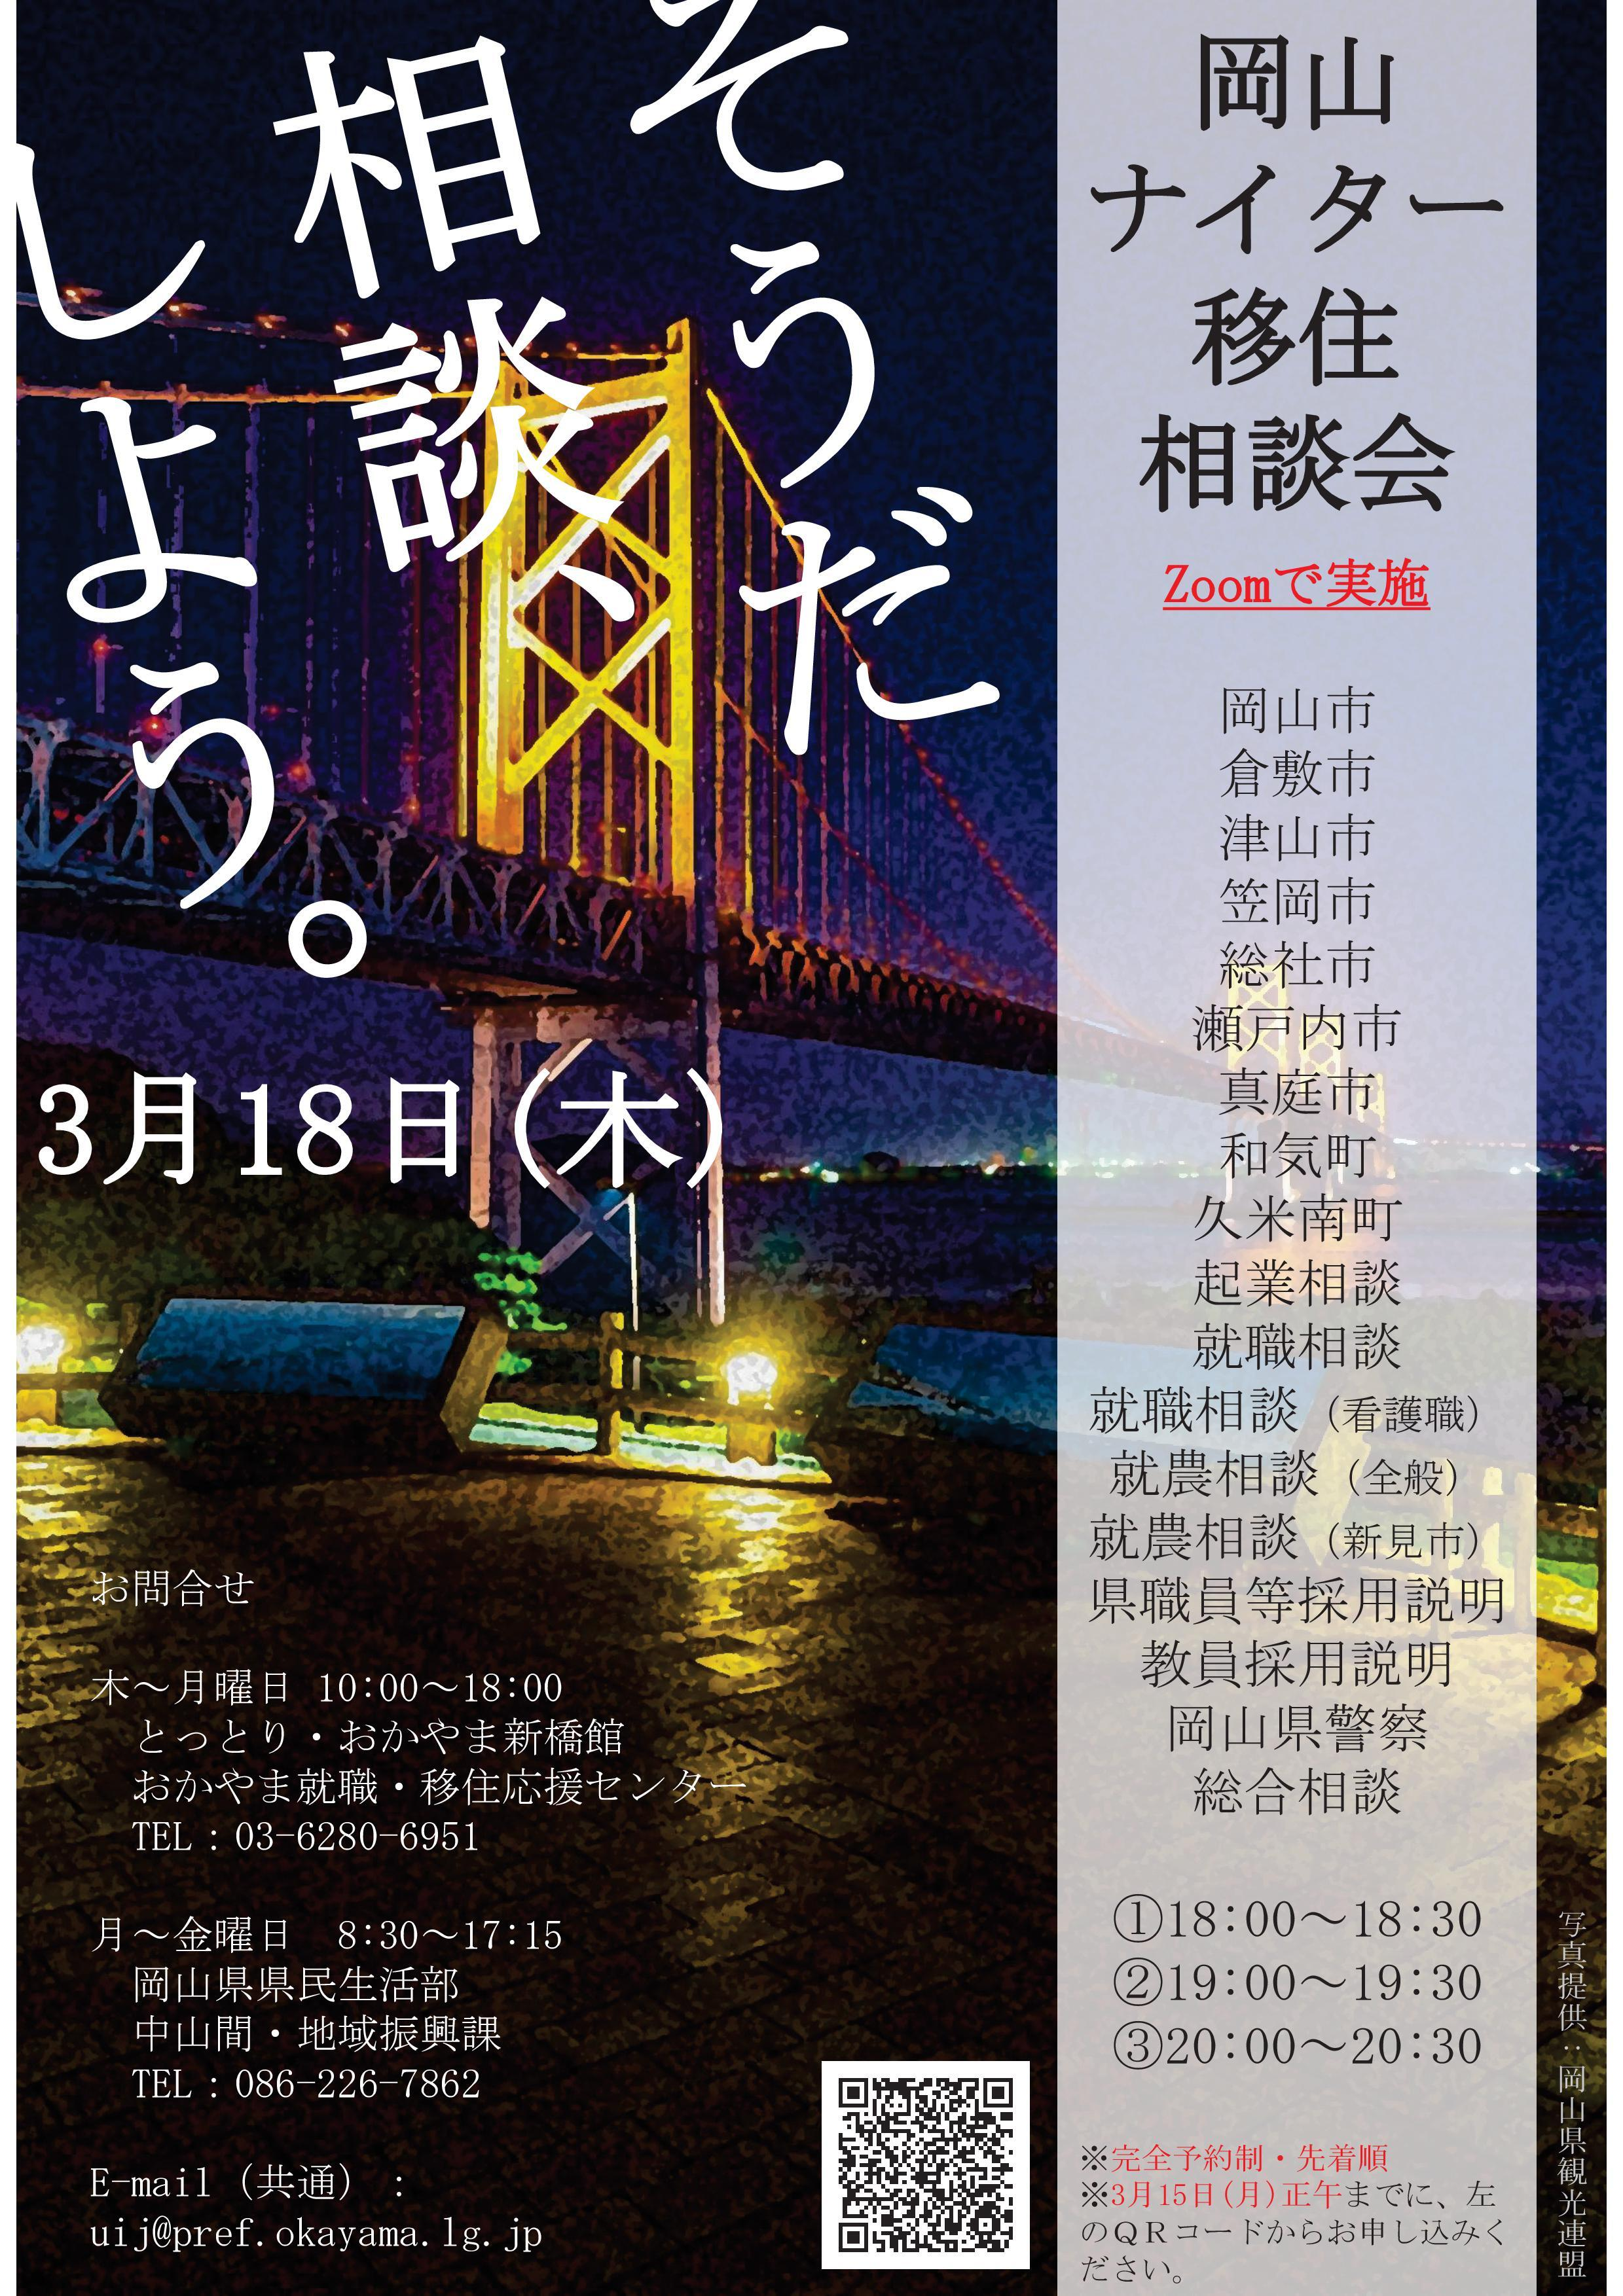 2021年3月18日(木)開催 「岡山ナイター移住相談会」に津山市も参加します